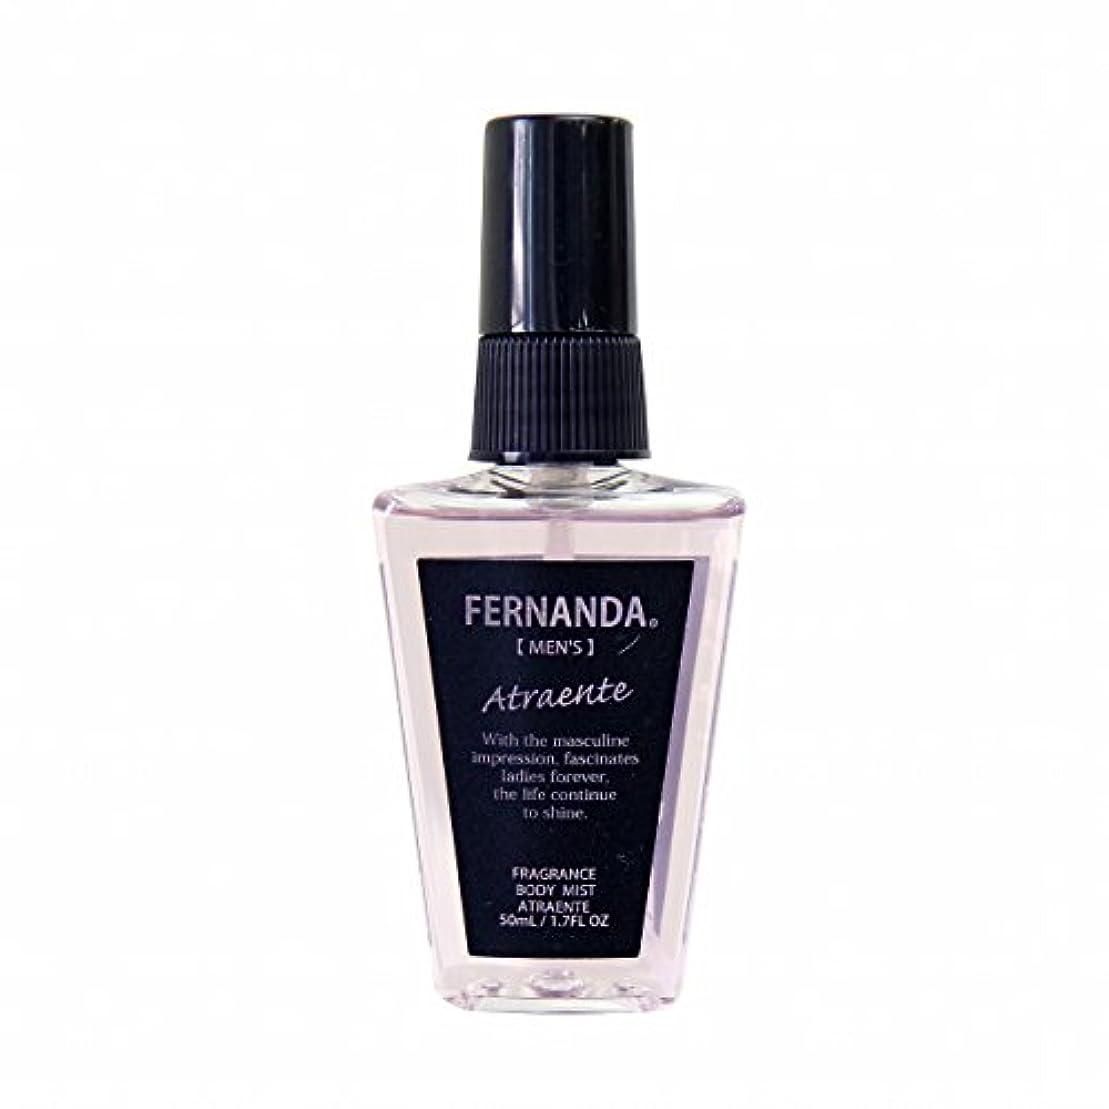 ハリウッド規則性めんどりFERNANDA(フェルナンダ) Body Mist For MEN Atrante (ボディミスト フォーメン アトランテ)